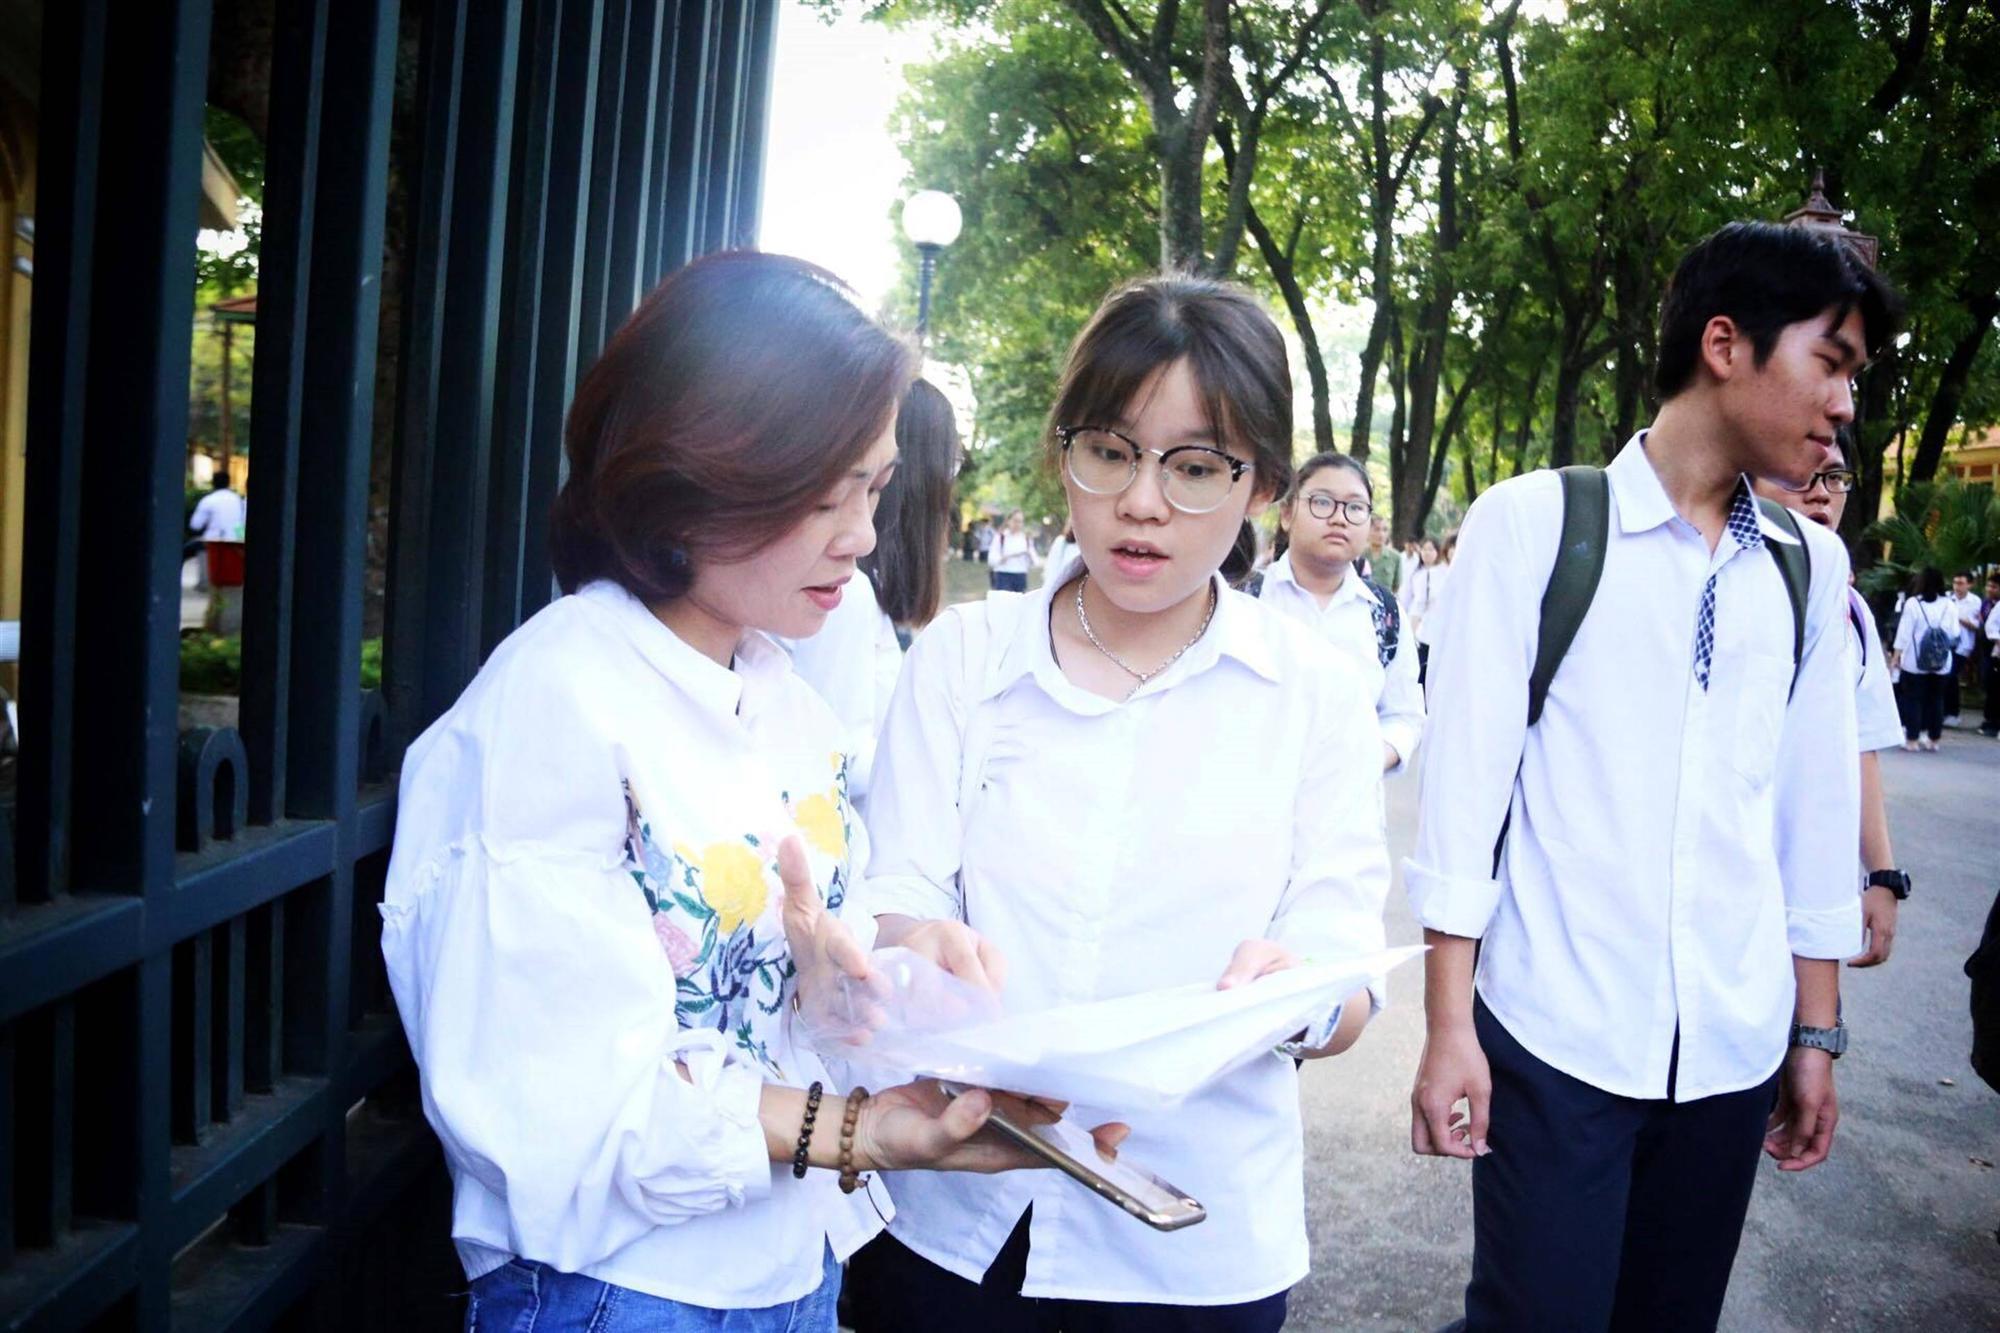 Mẹ con ôm nhau khóc sau giờ thi toán lớp 10 ở Hà Nội-8